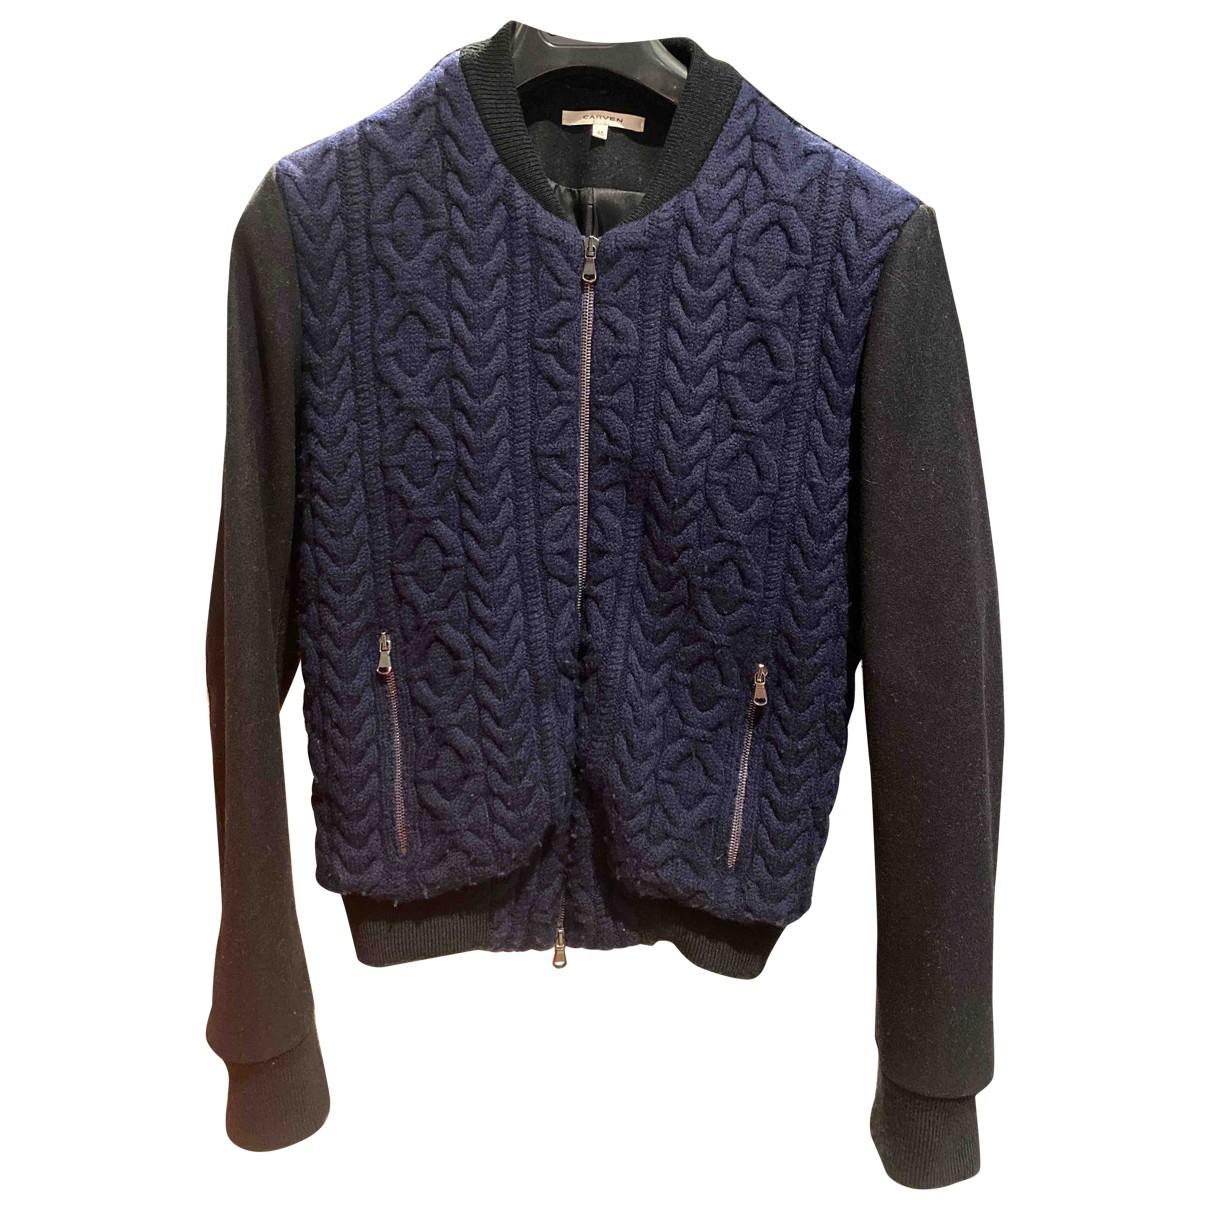 Carven - Vestes.Blousons   pour homme en laine - bleu